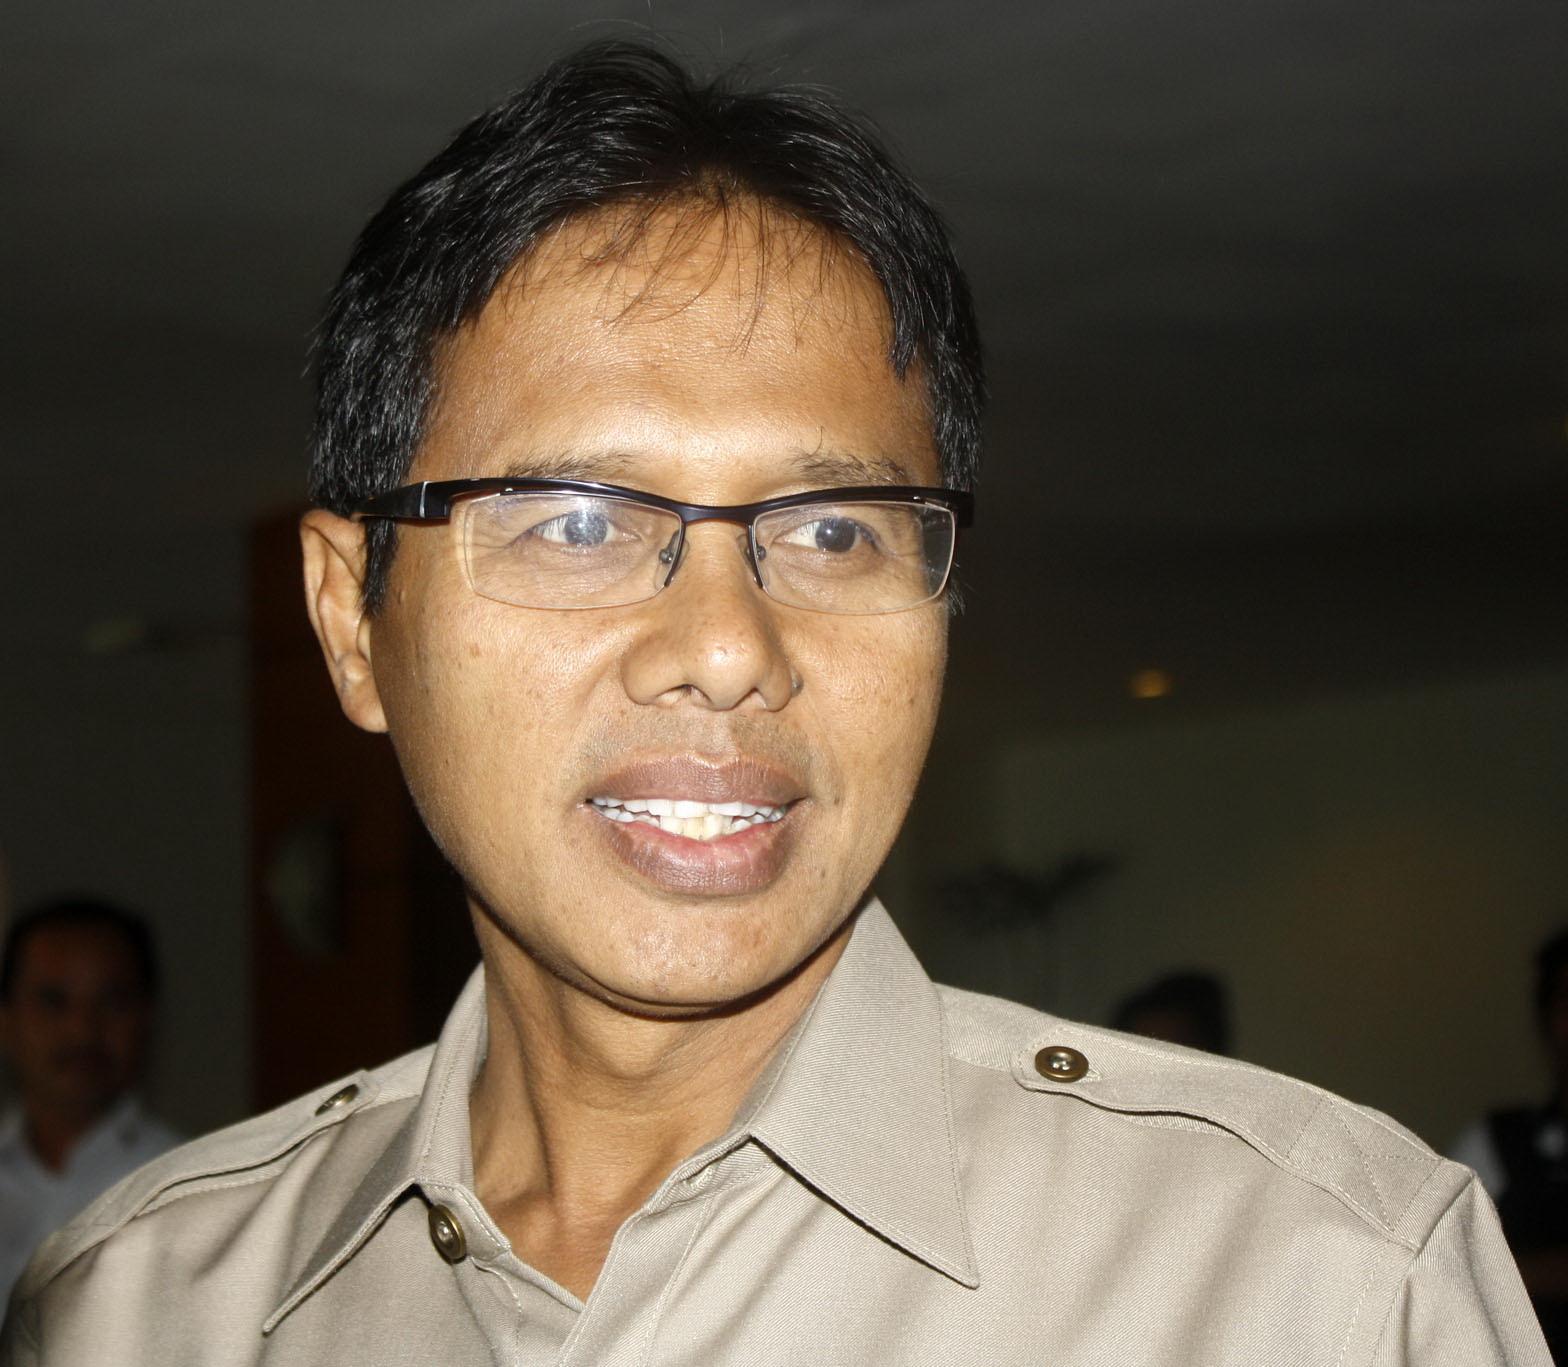 Gubernur Sumatera Barat, Irwan Prayitno. FOTO/ANTARA